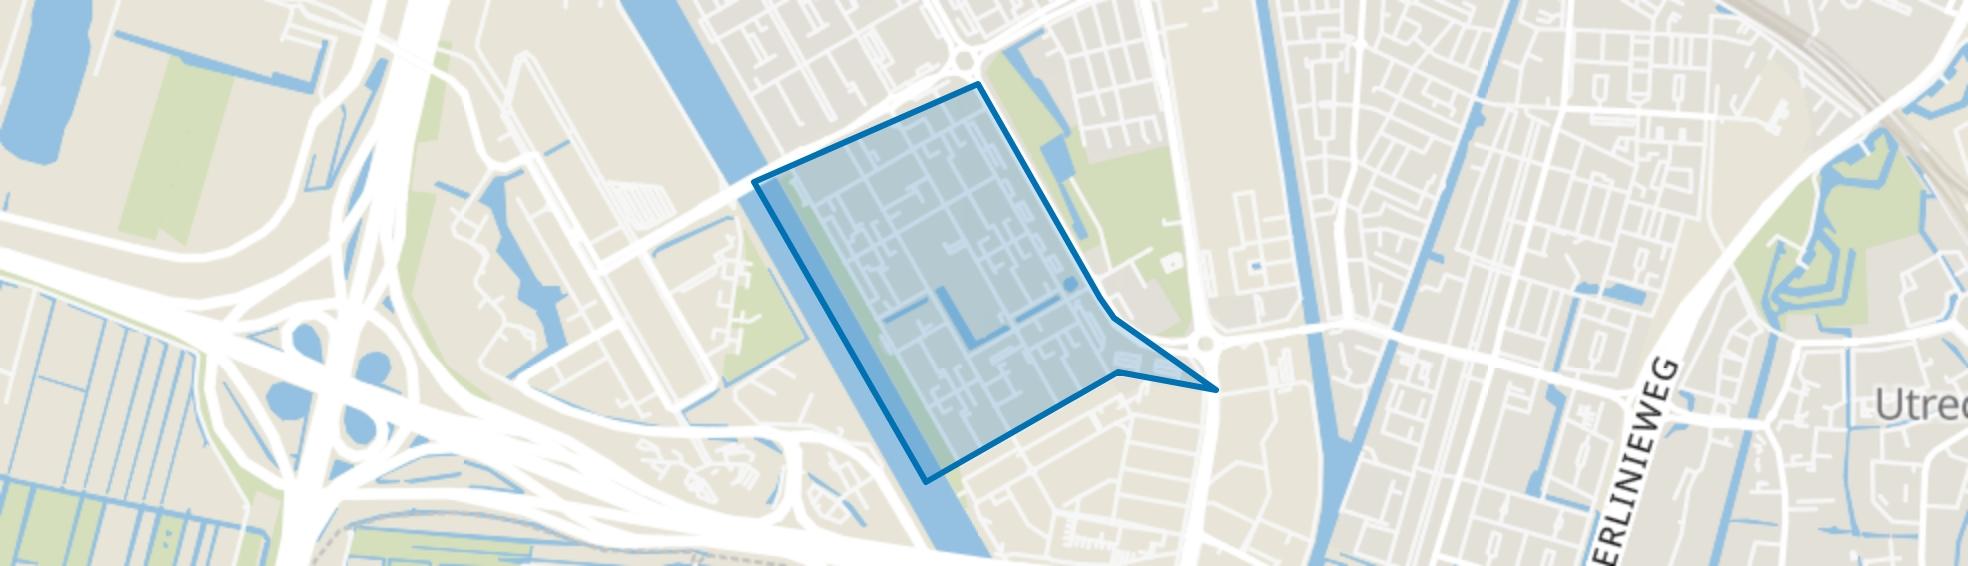 Kanaleneiland-Zuid, Utrecht map